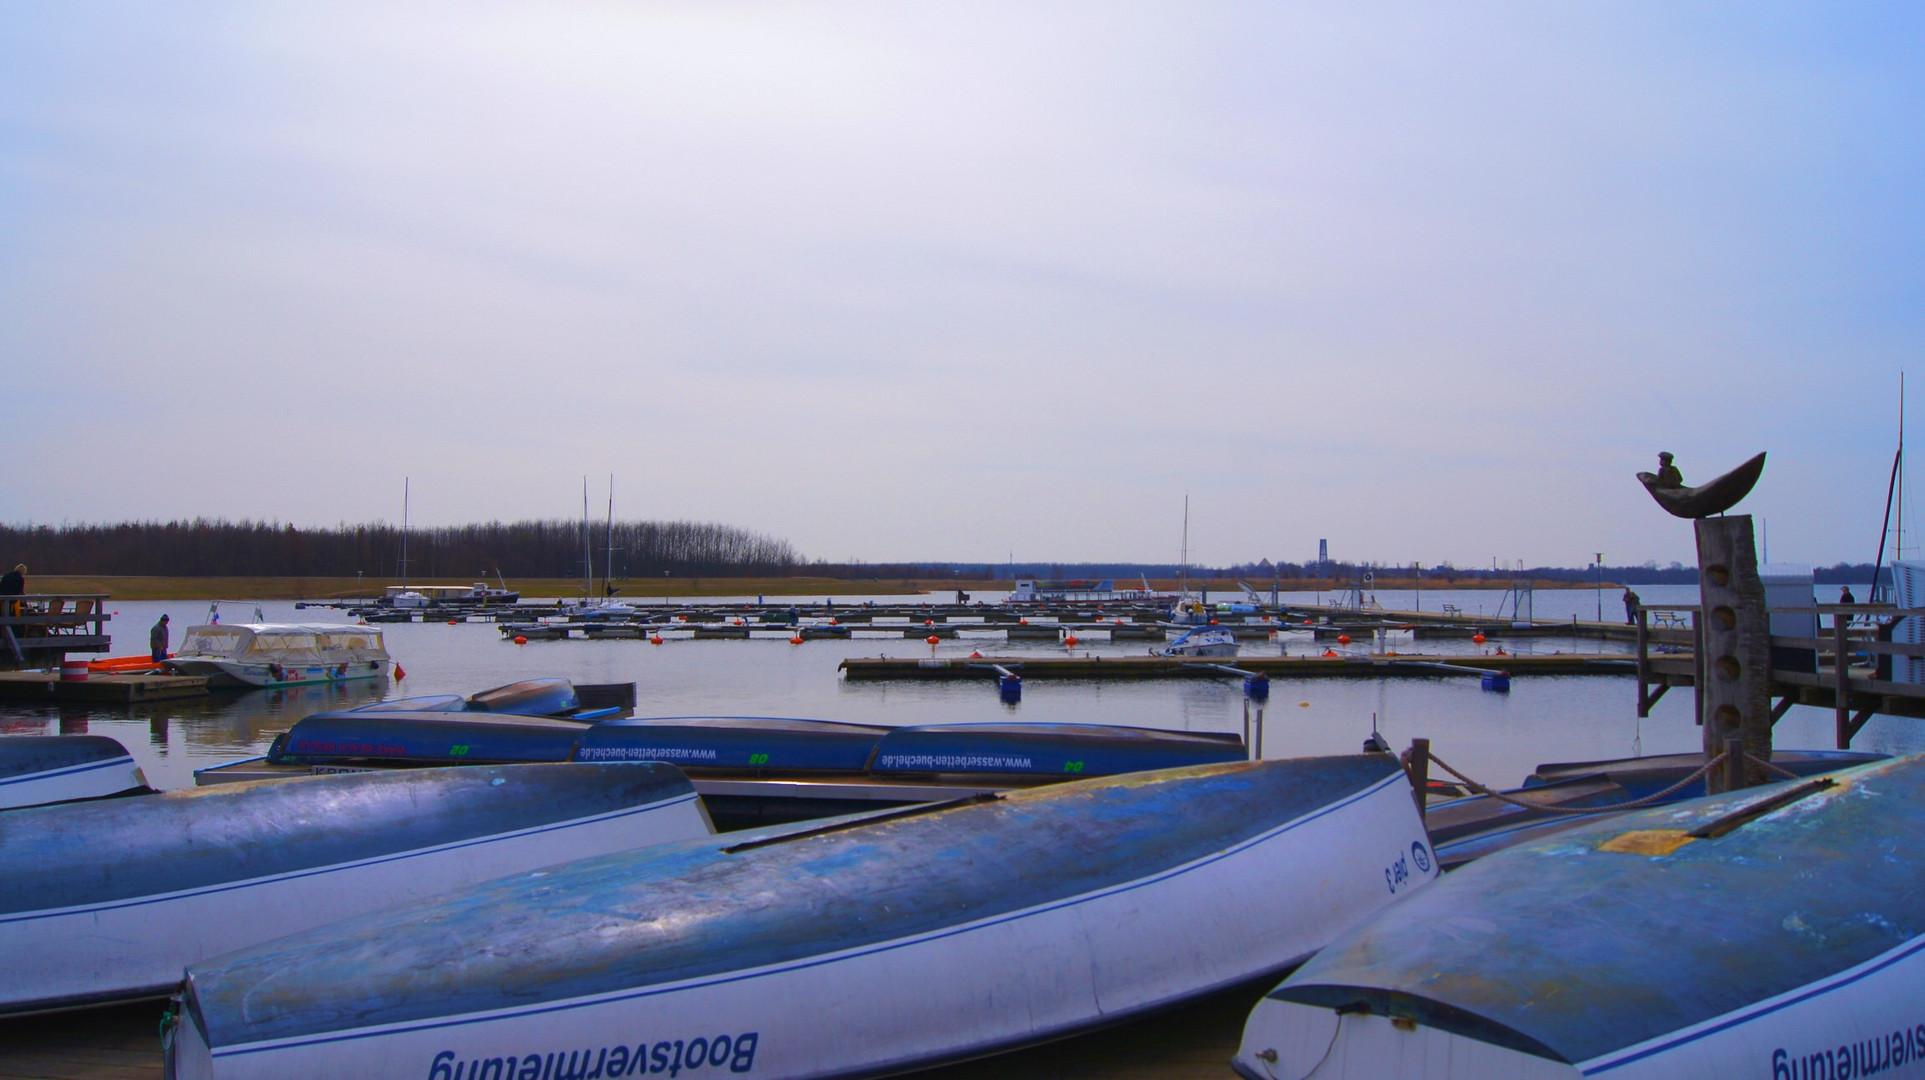 Cosputener See in Leipzig